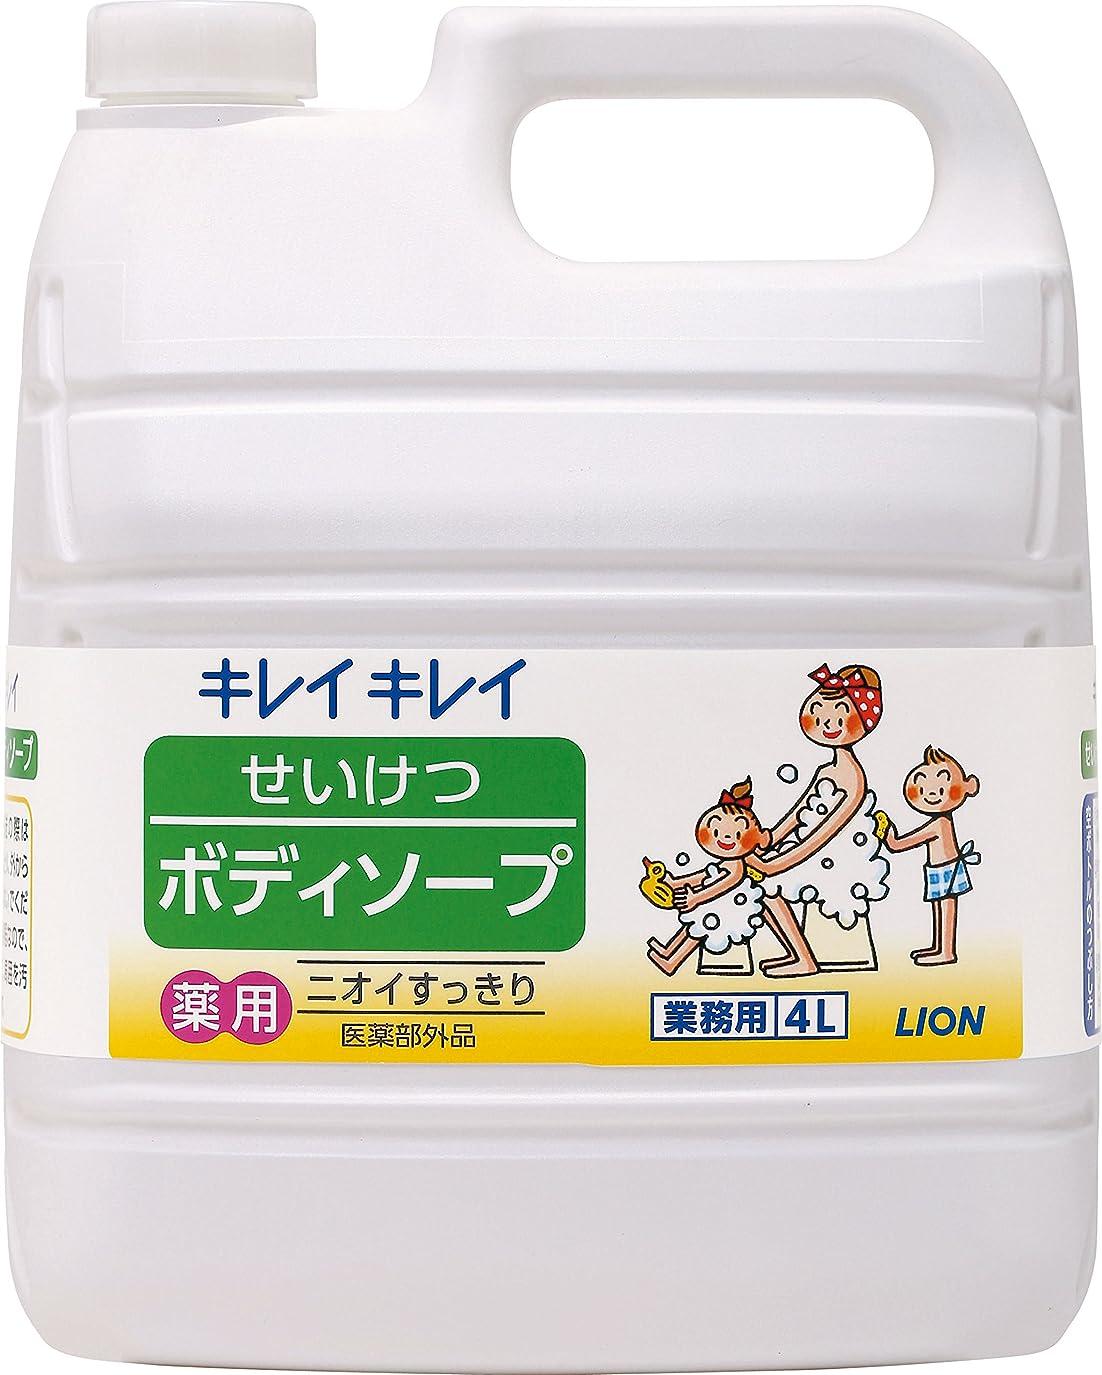 トランスミッション提案する接地【業務用 大容量】キレイキレイ せいけつボディソープ さわやかなレモン&オレンジの香り 4L(医薬部外品)